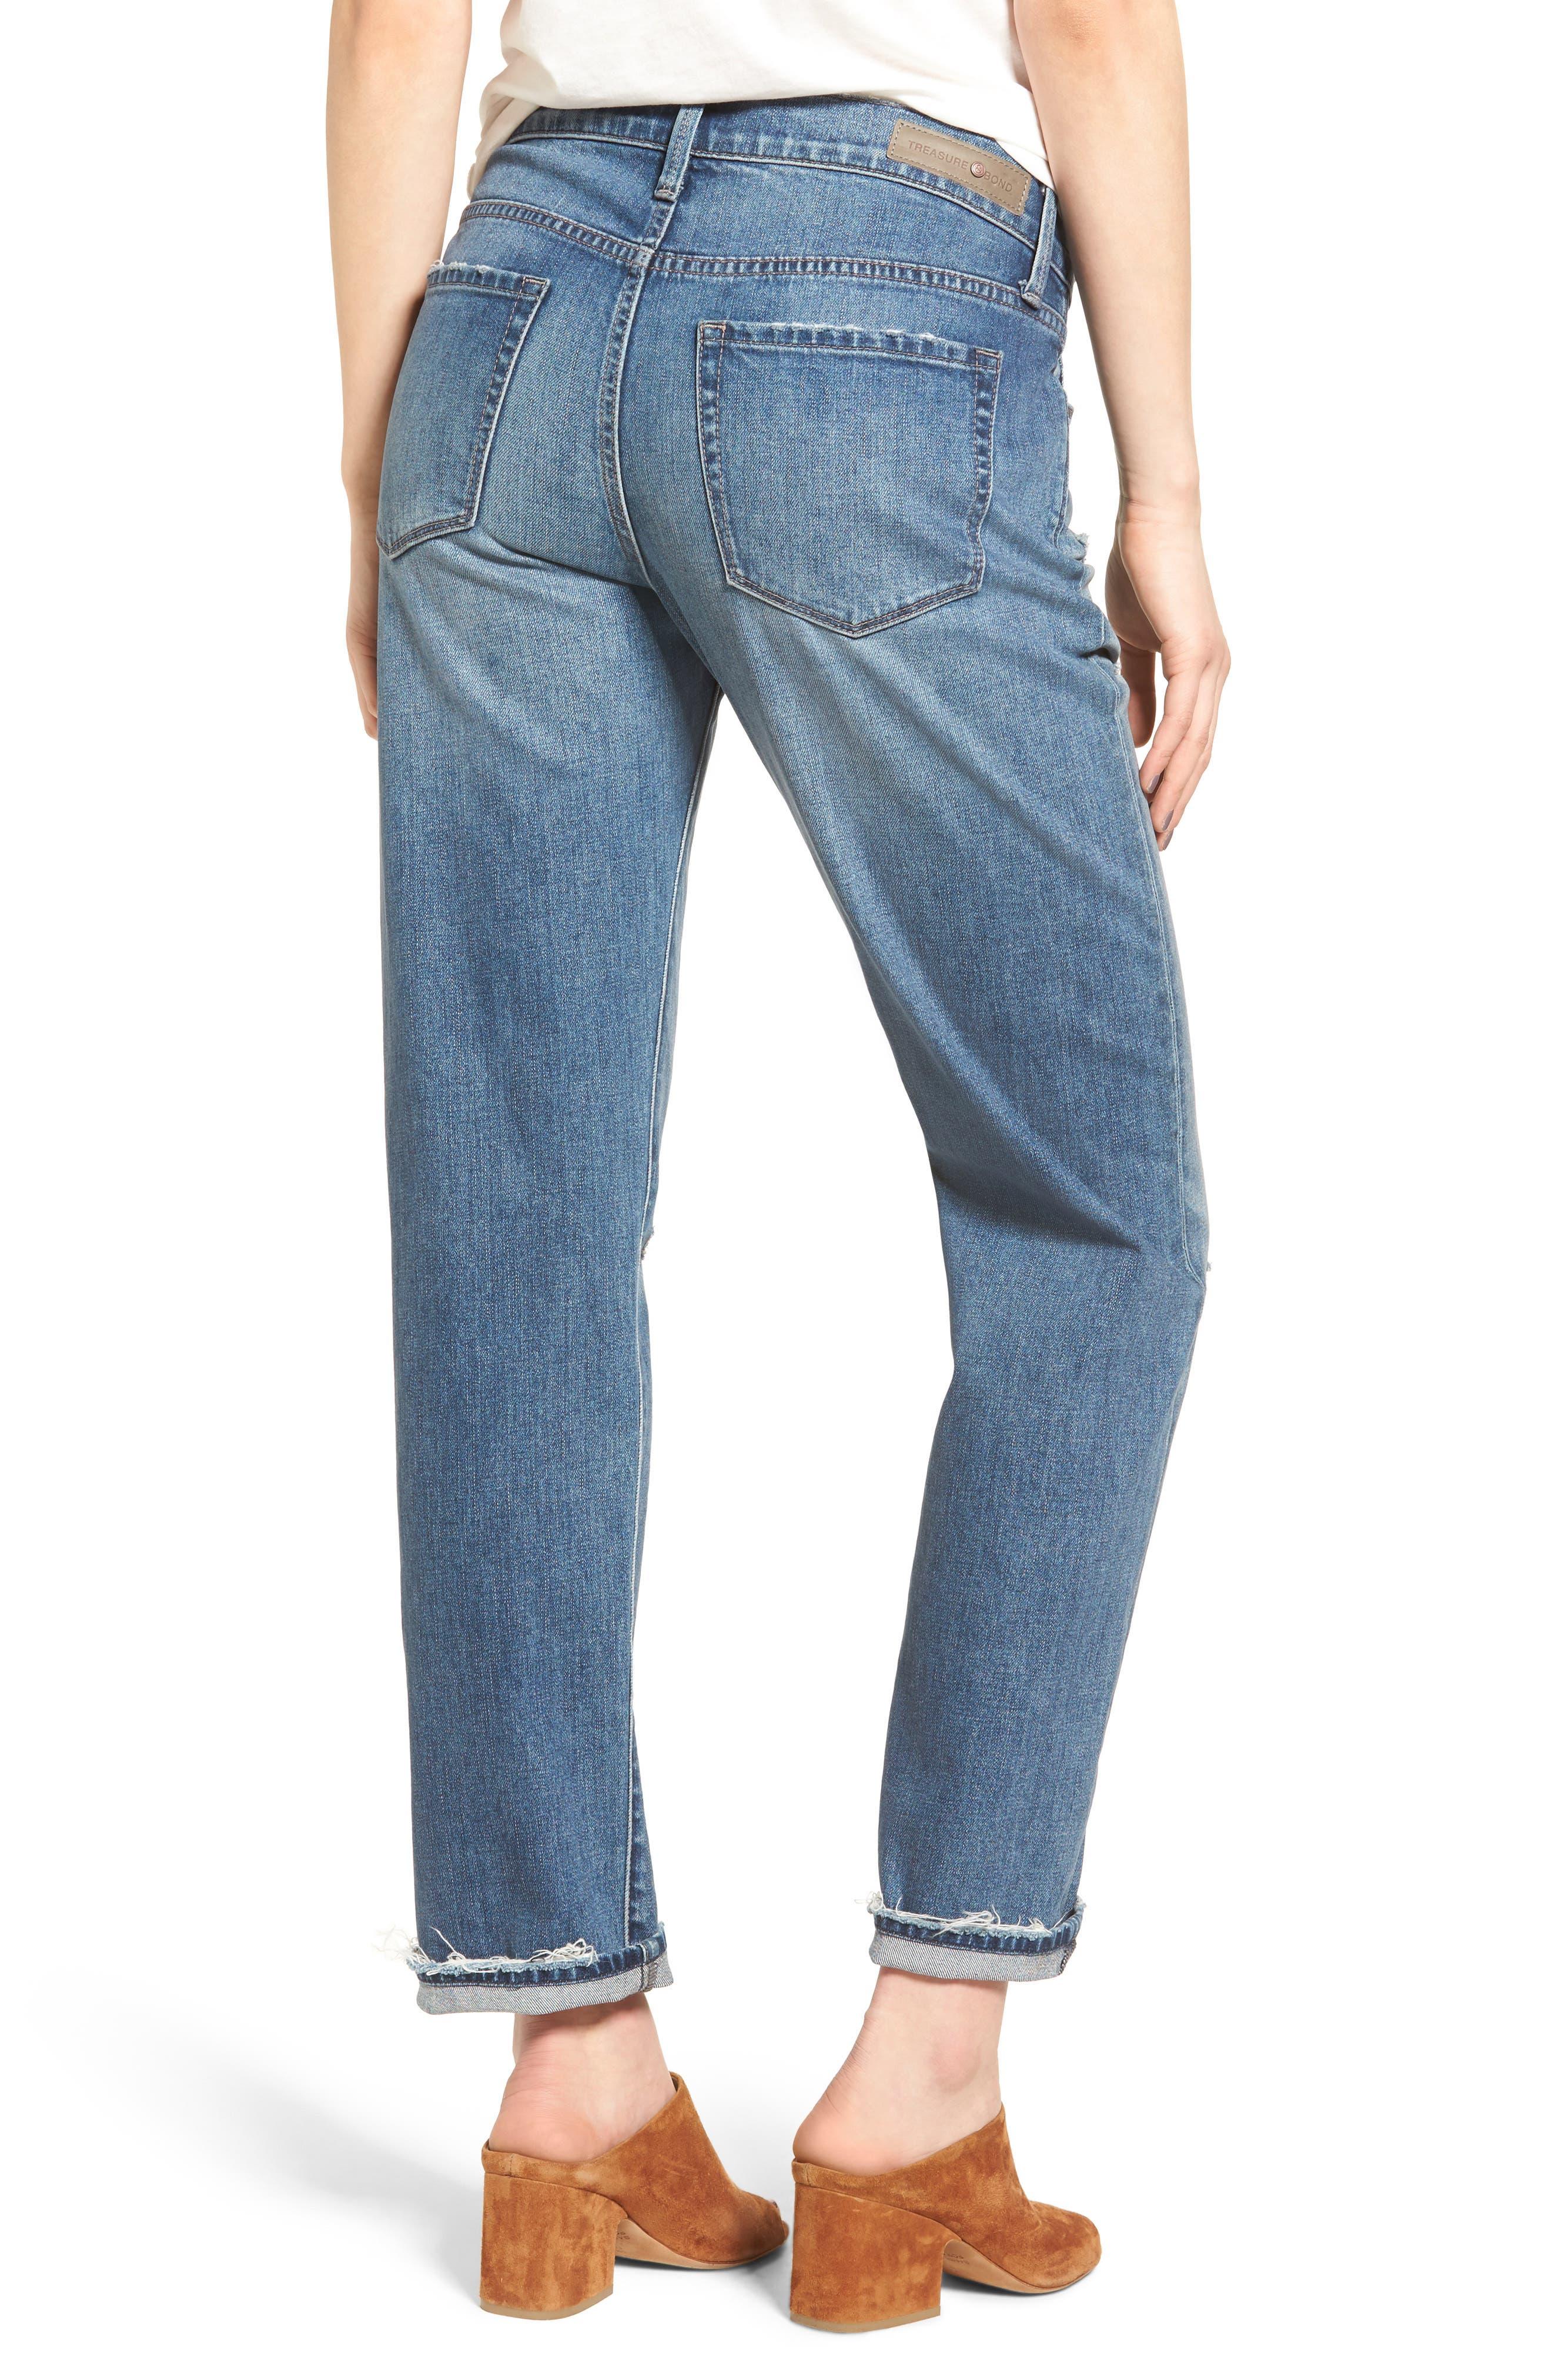 Alternate Image 2  - Treasure & Bond Relaxed Jeans (Gravel Dusk Destroyed)